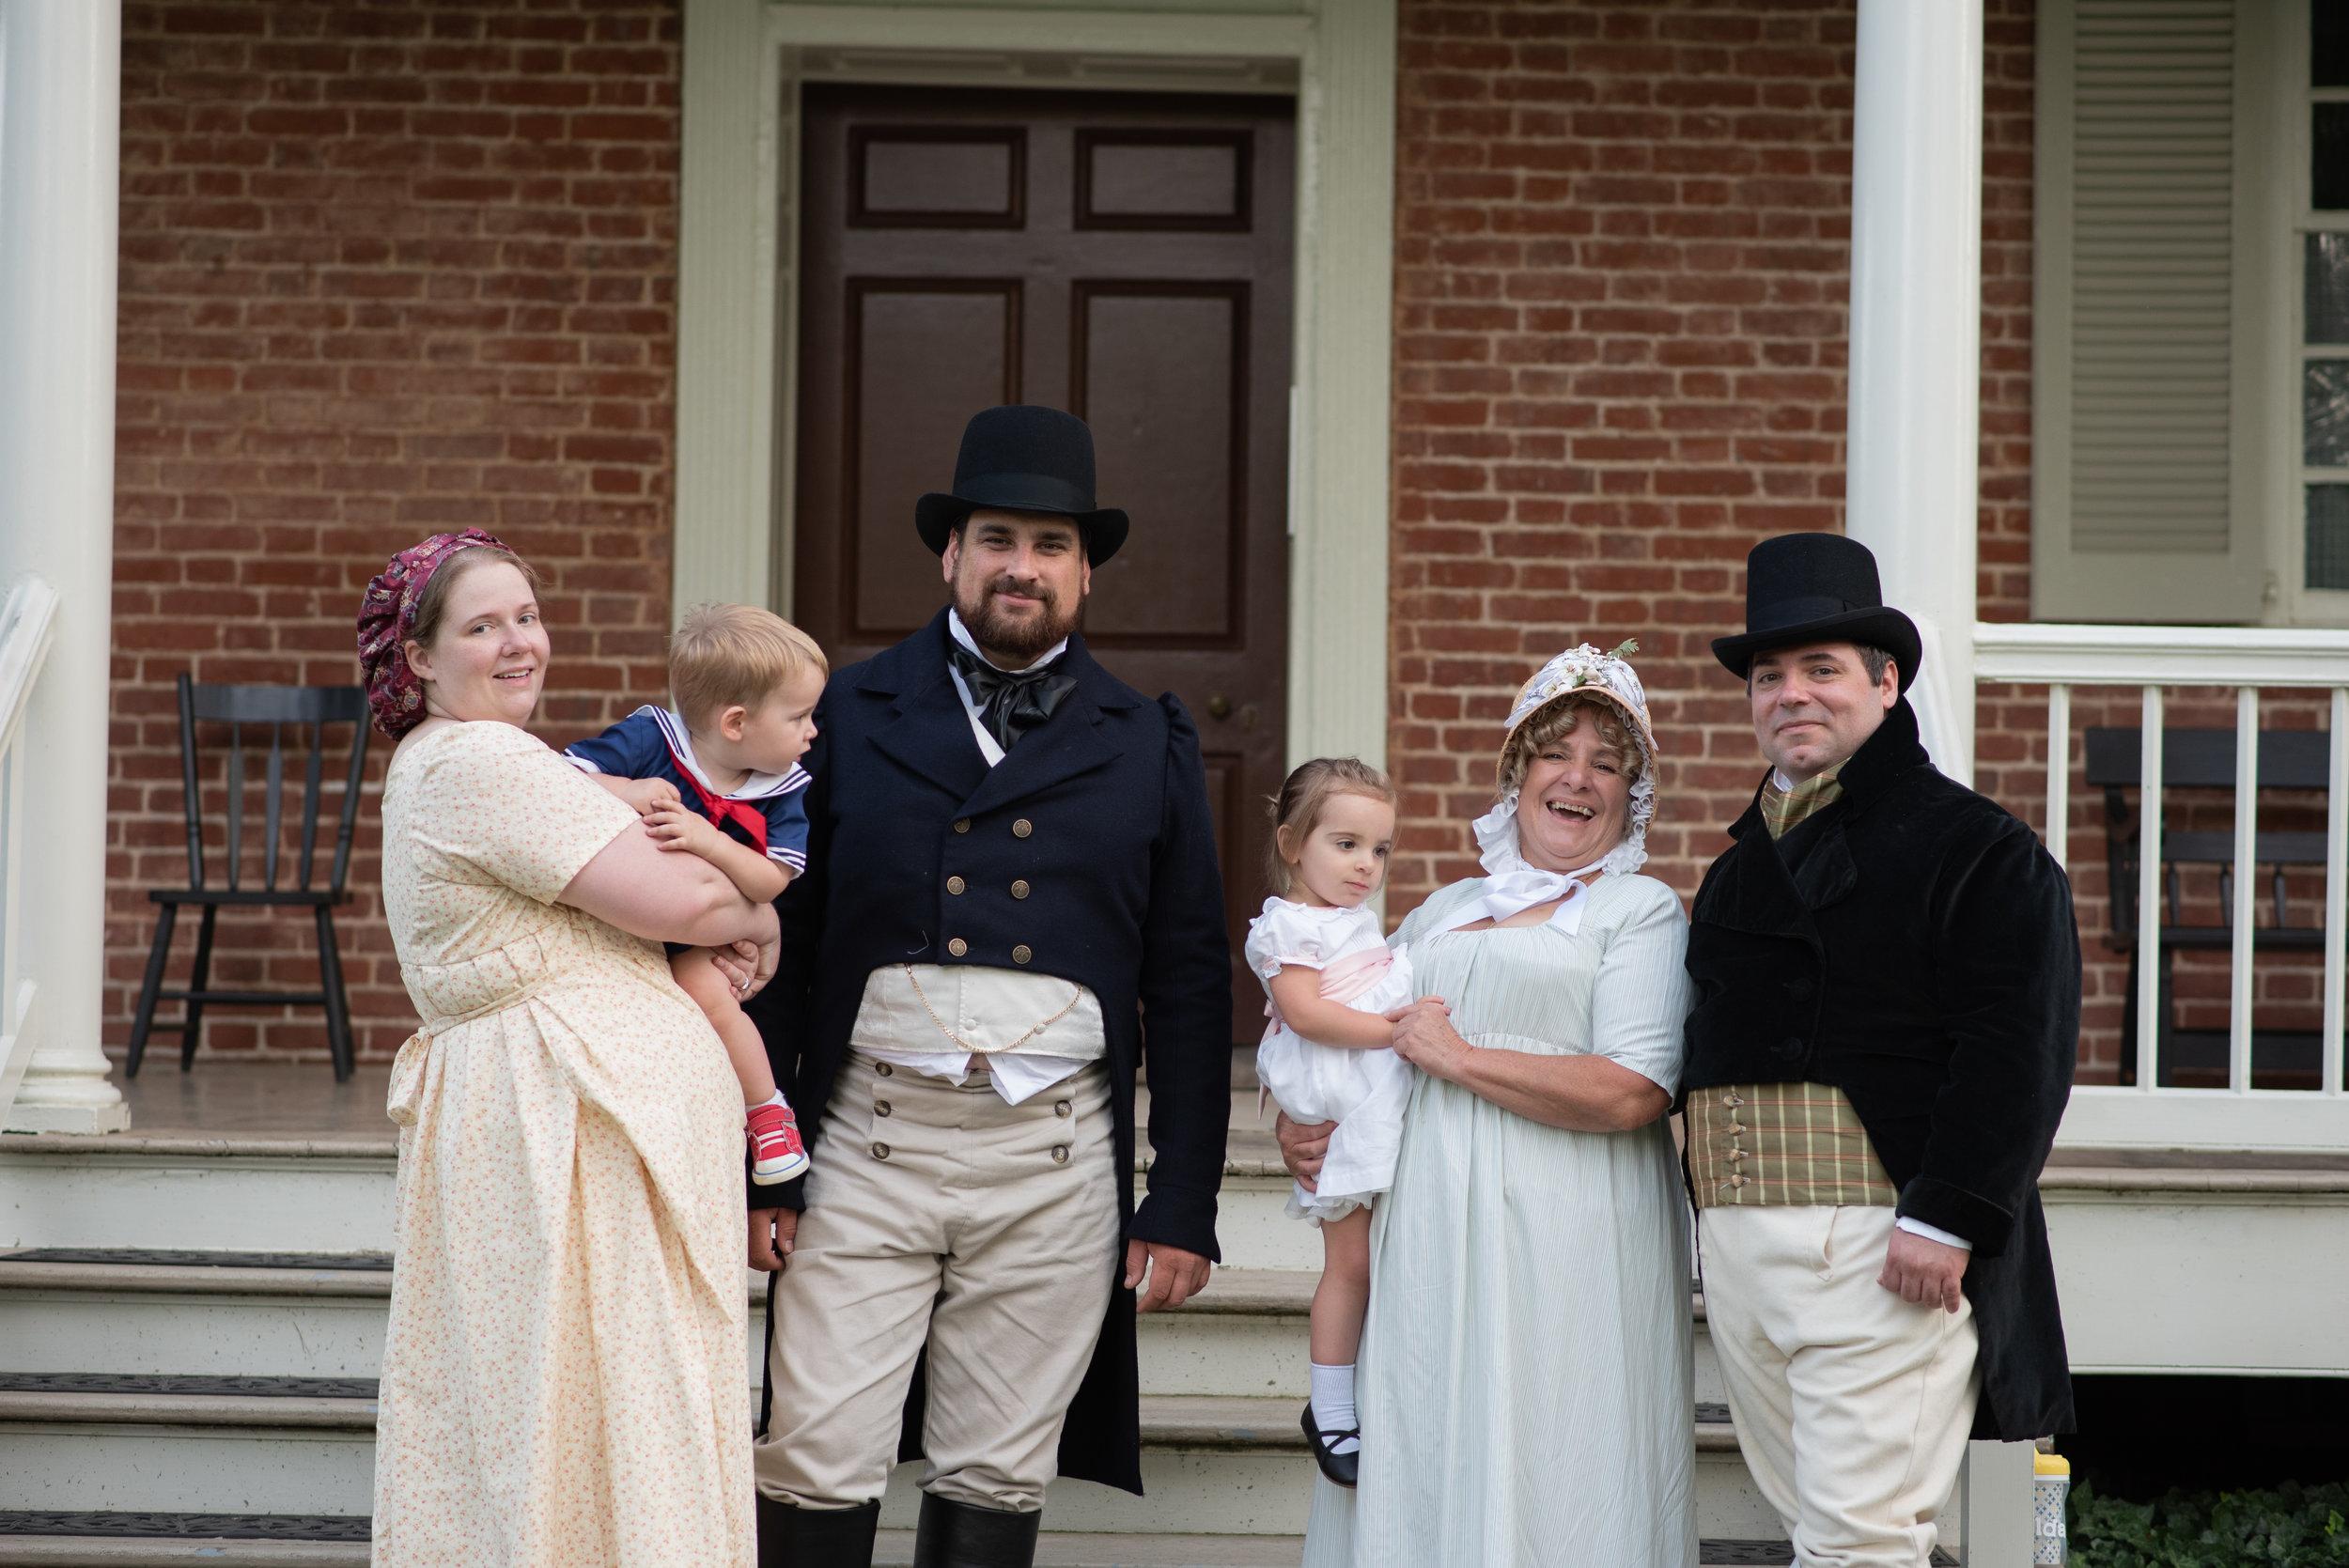 Jane Austen Festival Louisville Kentucky 2019 regency dress Regency era Top Hat